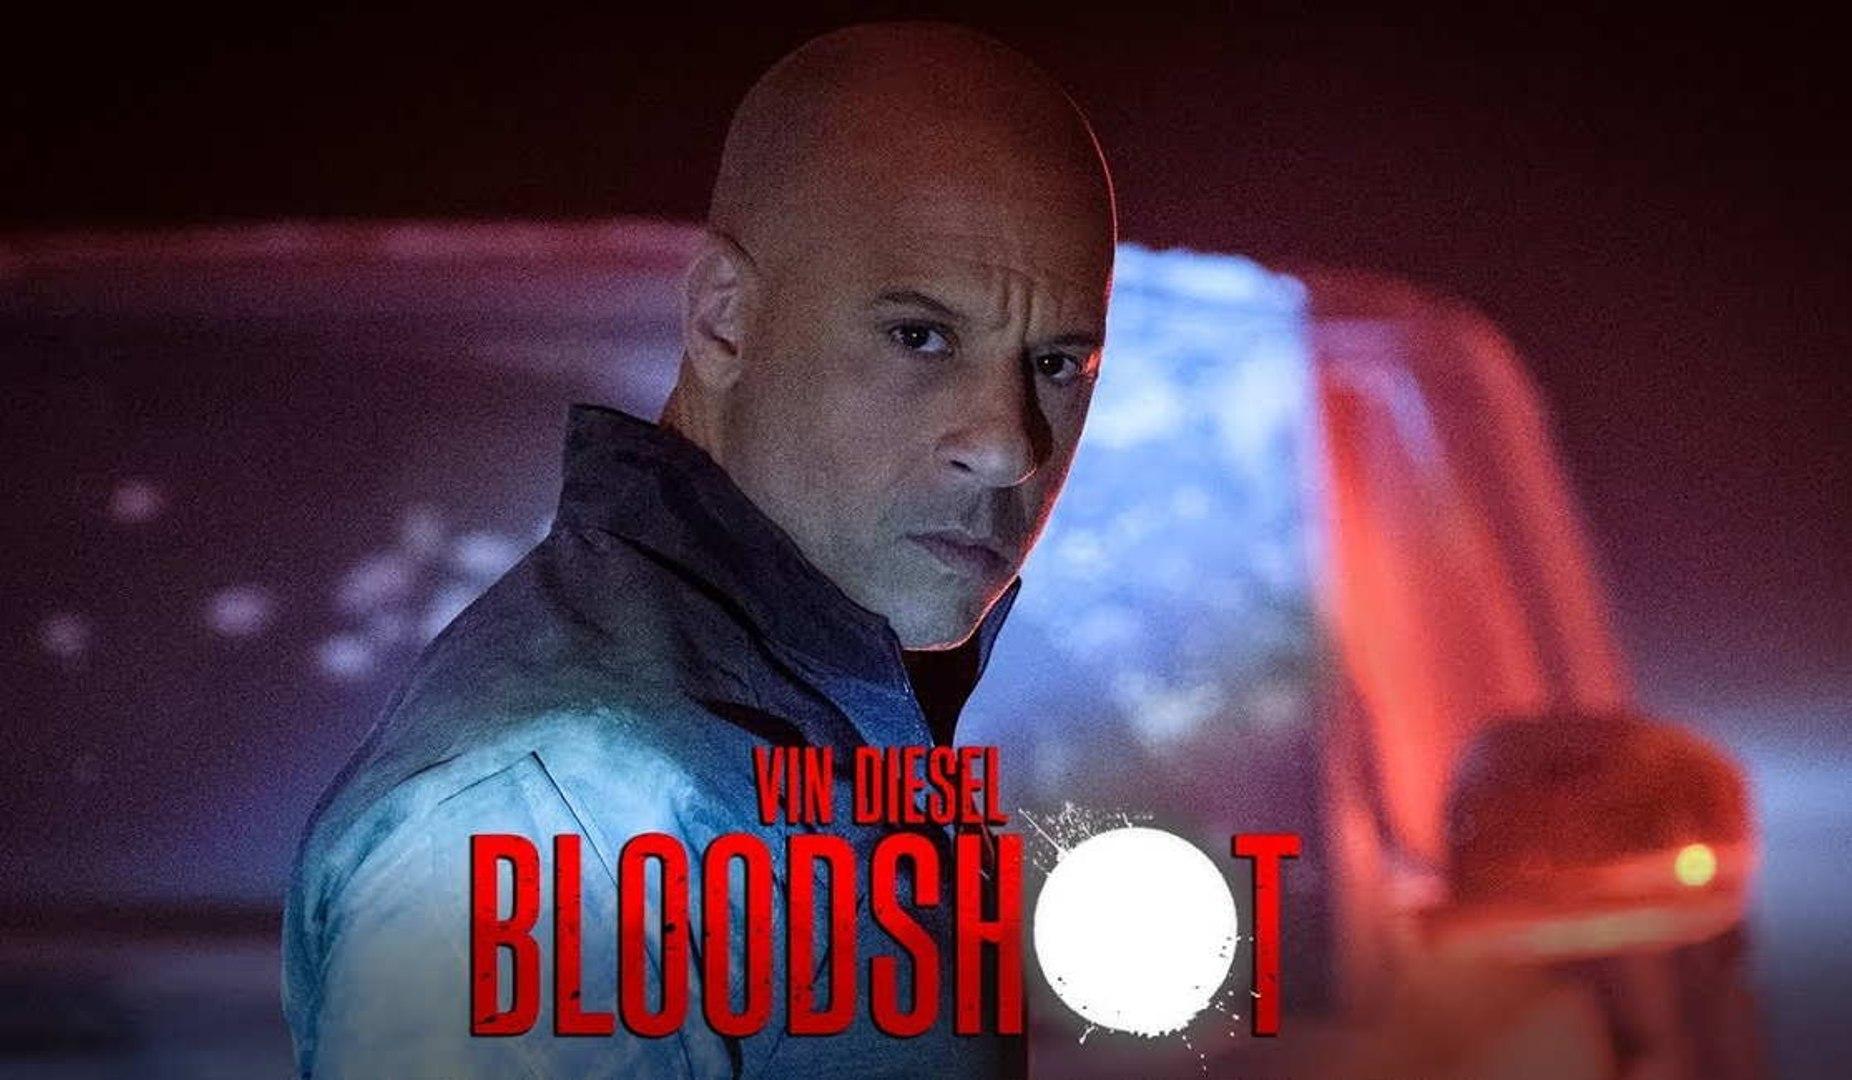 Bloodshot Film avec Vin Diesel